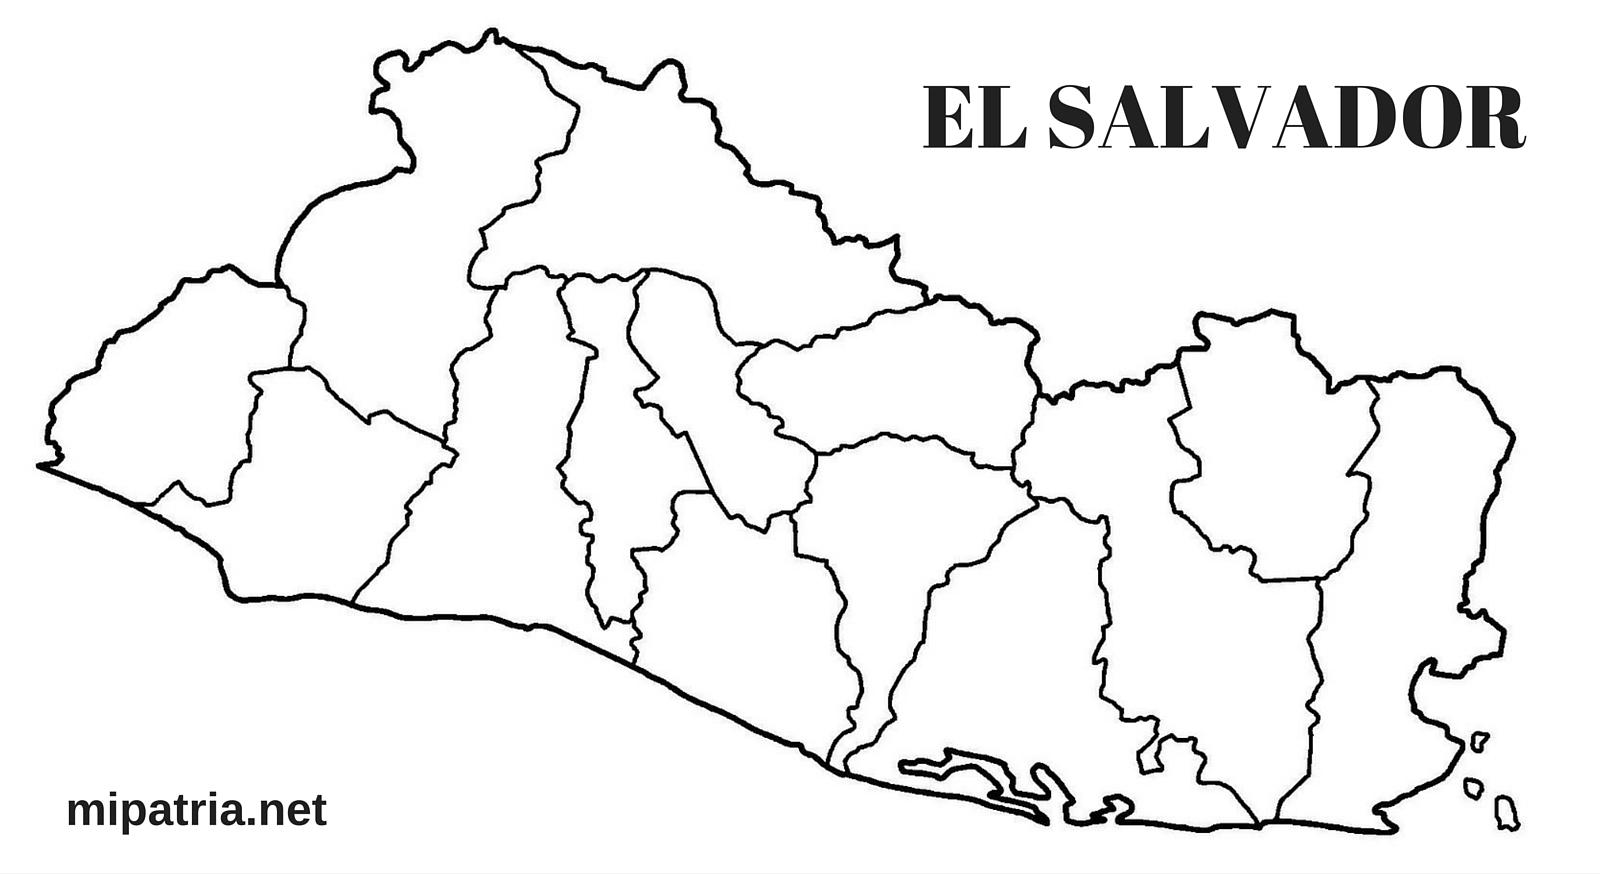 MAPA DE EL SALVADOR CON SUS DEPARTAMENTOS  MIPATRIANET